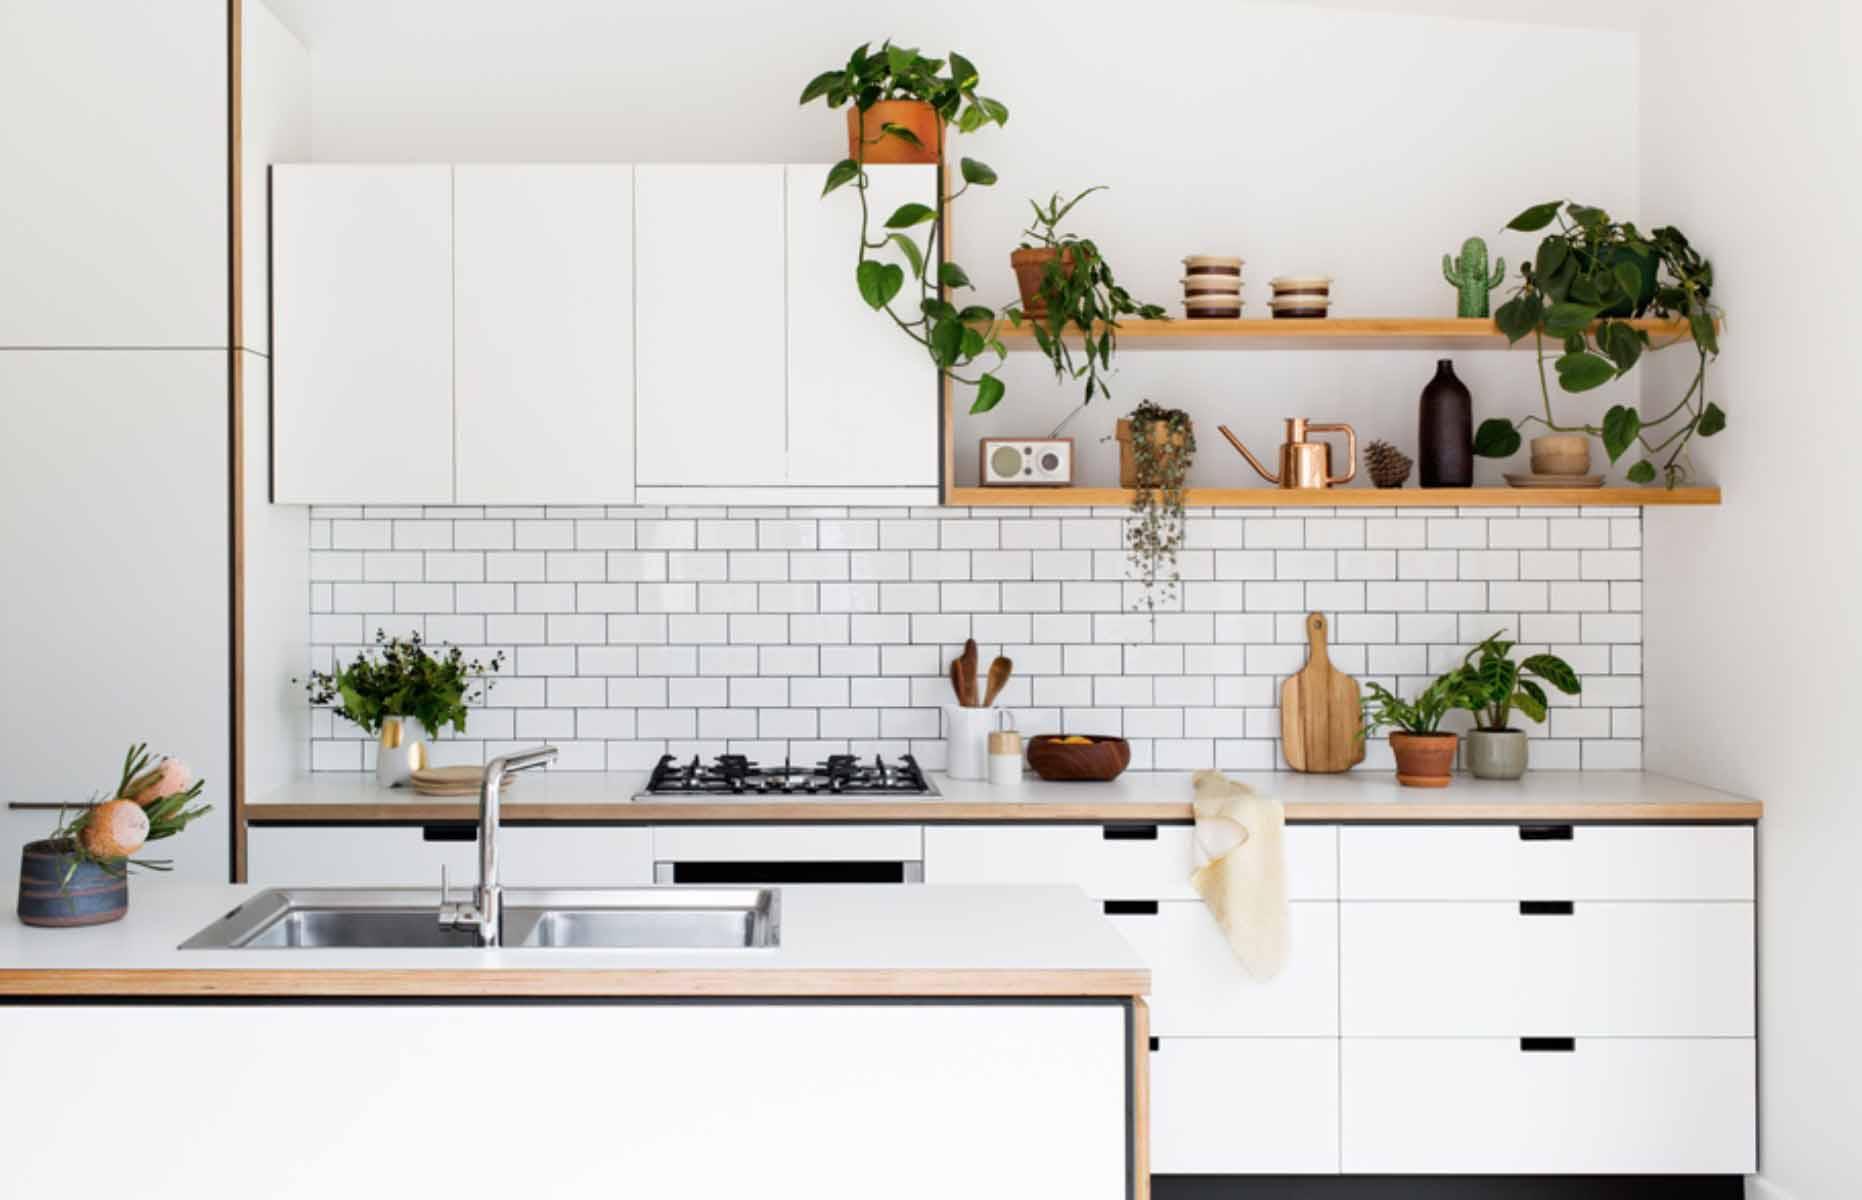 White gloss backsplash and wooden fixtures in a modern Scandinavian HDB kitchen